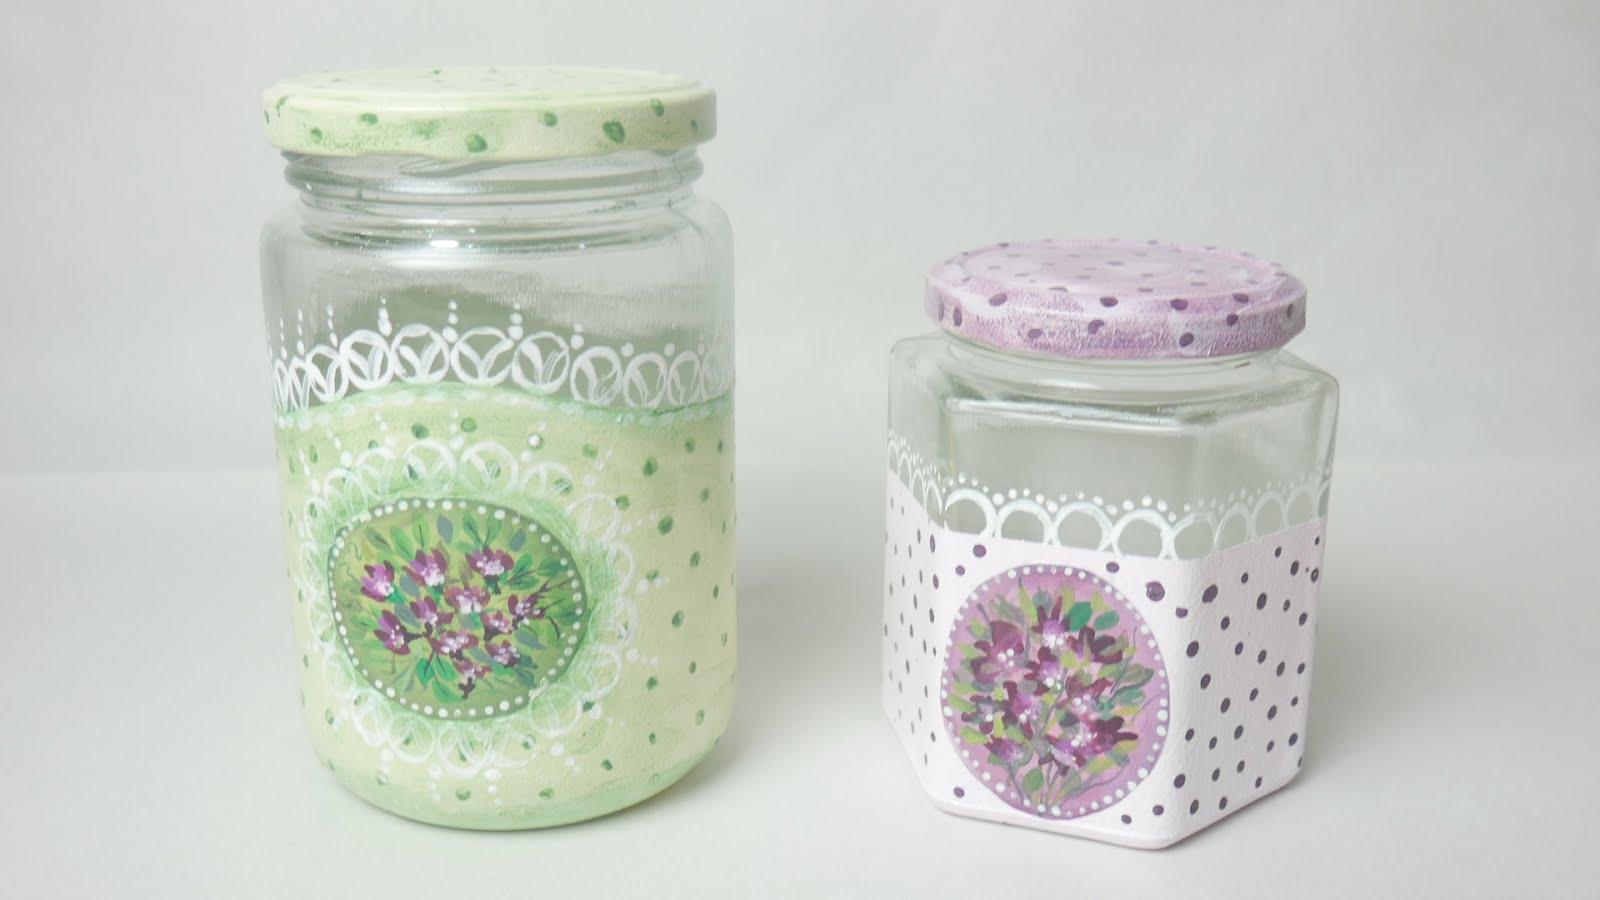 Hoy decid trabajar de nuevo con frascos porque es algo for Envases de vidrio decorados